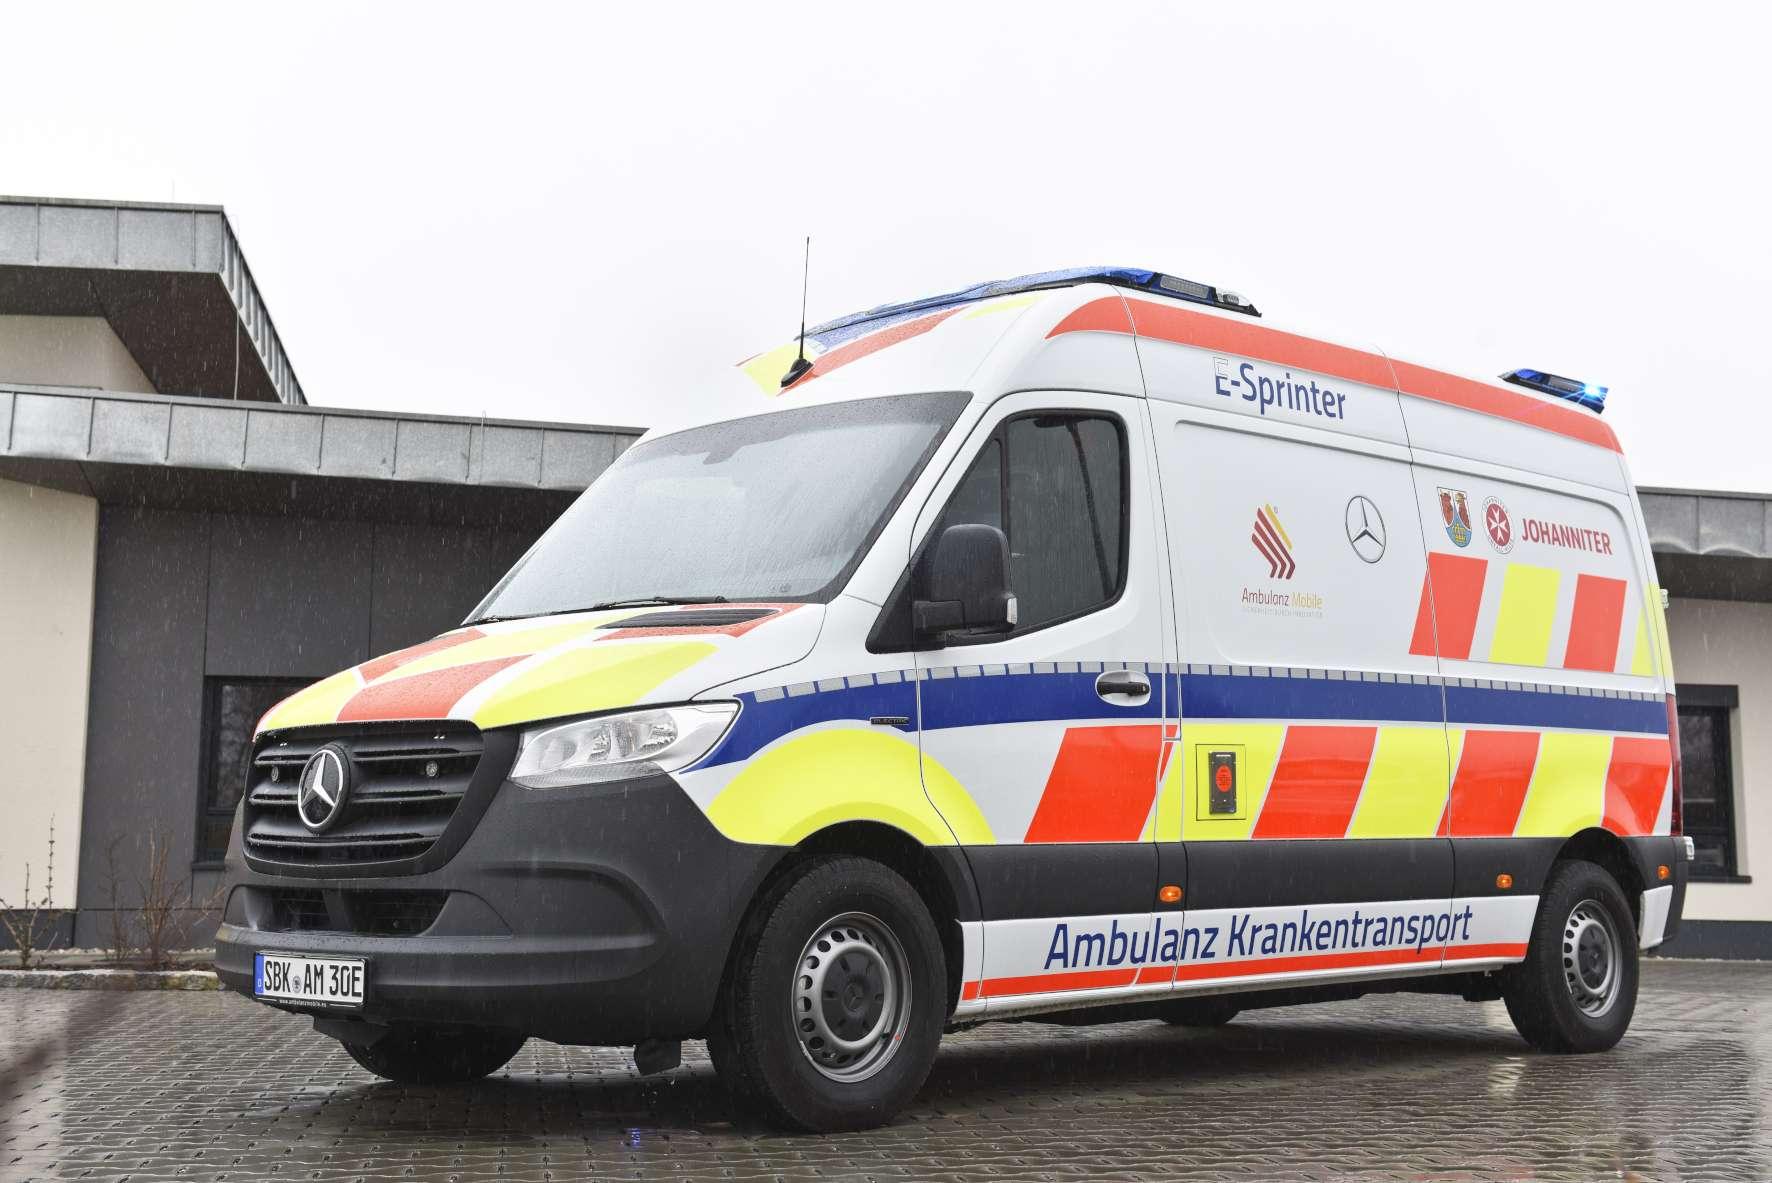 Über rollstuhlgerechte Großraum-Vans und Krankentransporter